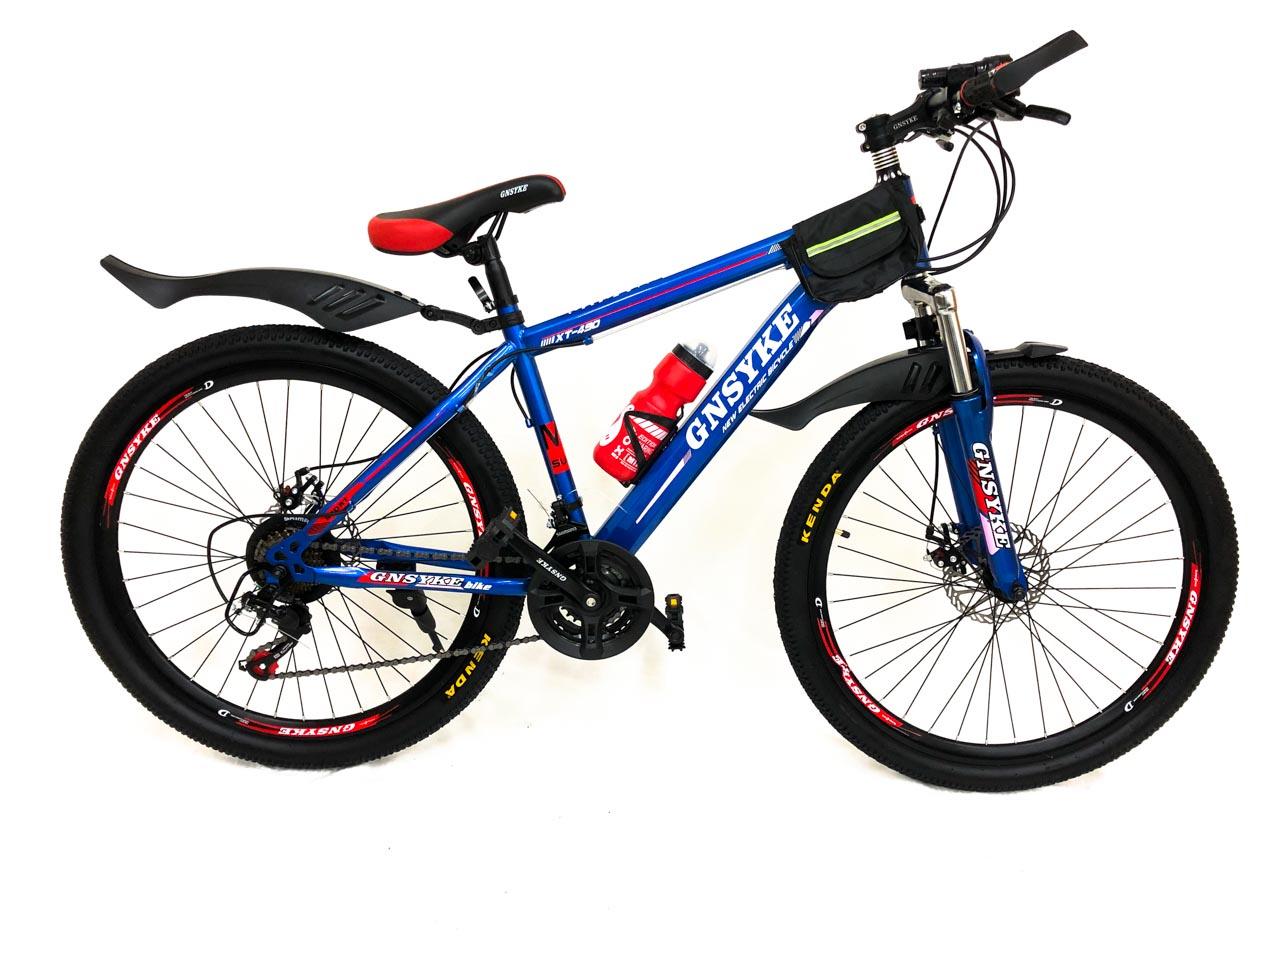 Велосипед горный 21 скорость 26 колеса GNSYKE (Синий)